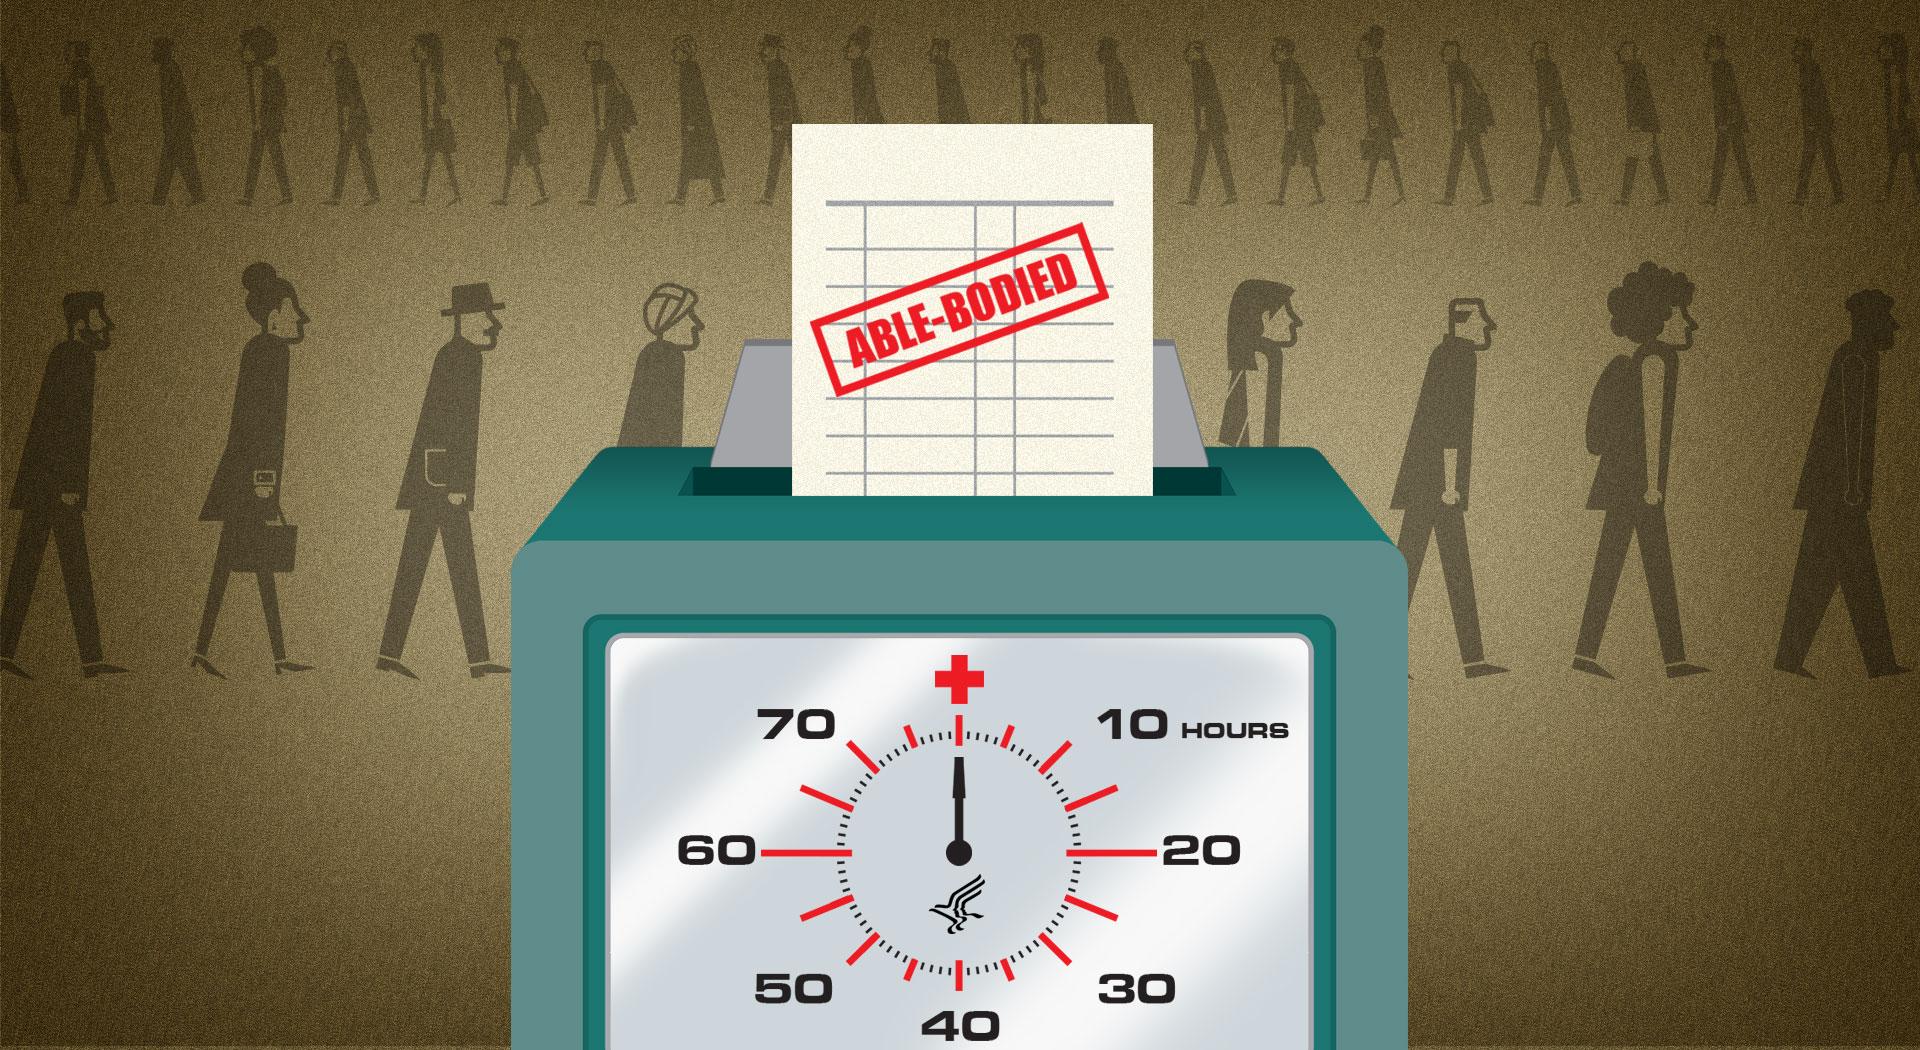 Yêu cầu về việc làm tại Arkansas khiến 16,000 người mất bảo hiểm y tế